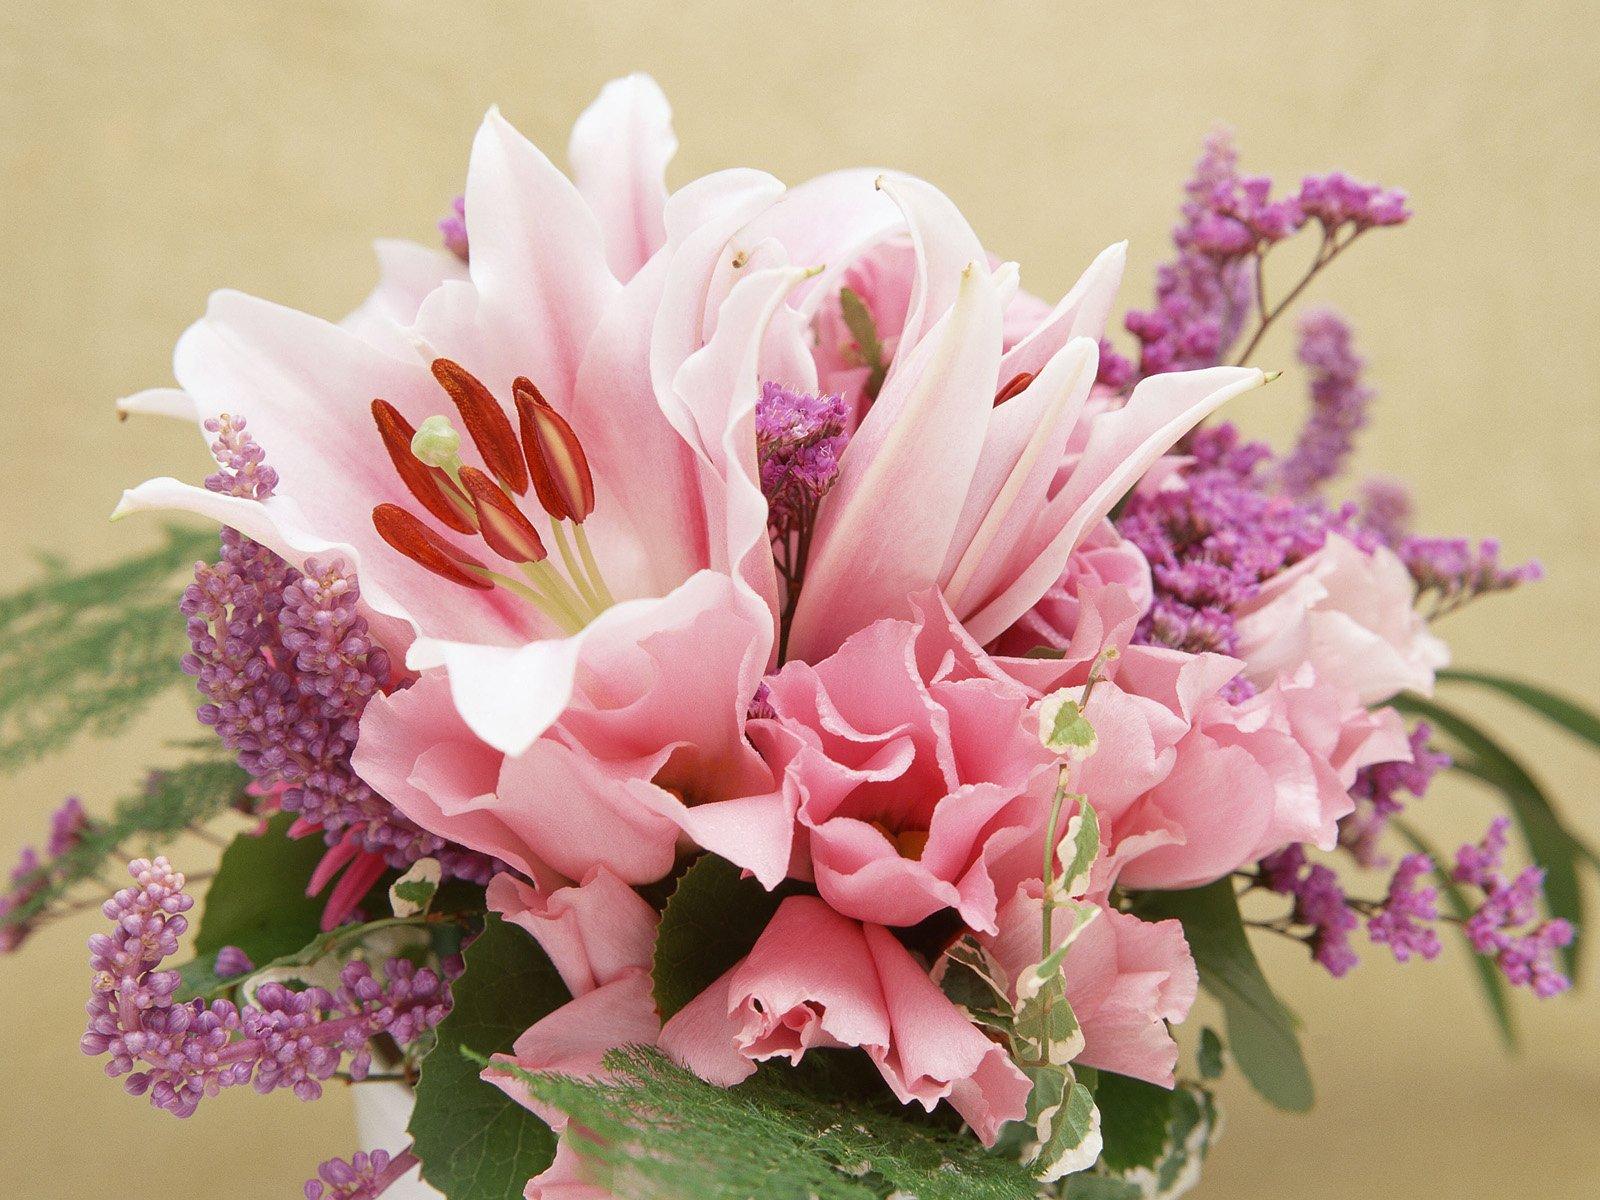 http://2.bp.blogspot.com/-ZhyGDlNsp28/TZj5TWqqCkI/AAAAAAAAANo/uXHu_W8BcNk/s1600/Beautiful_PinkFlowers_9966_1600_1200.jpg